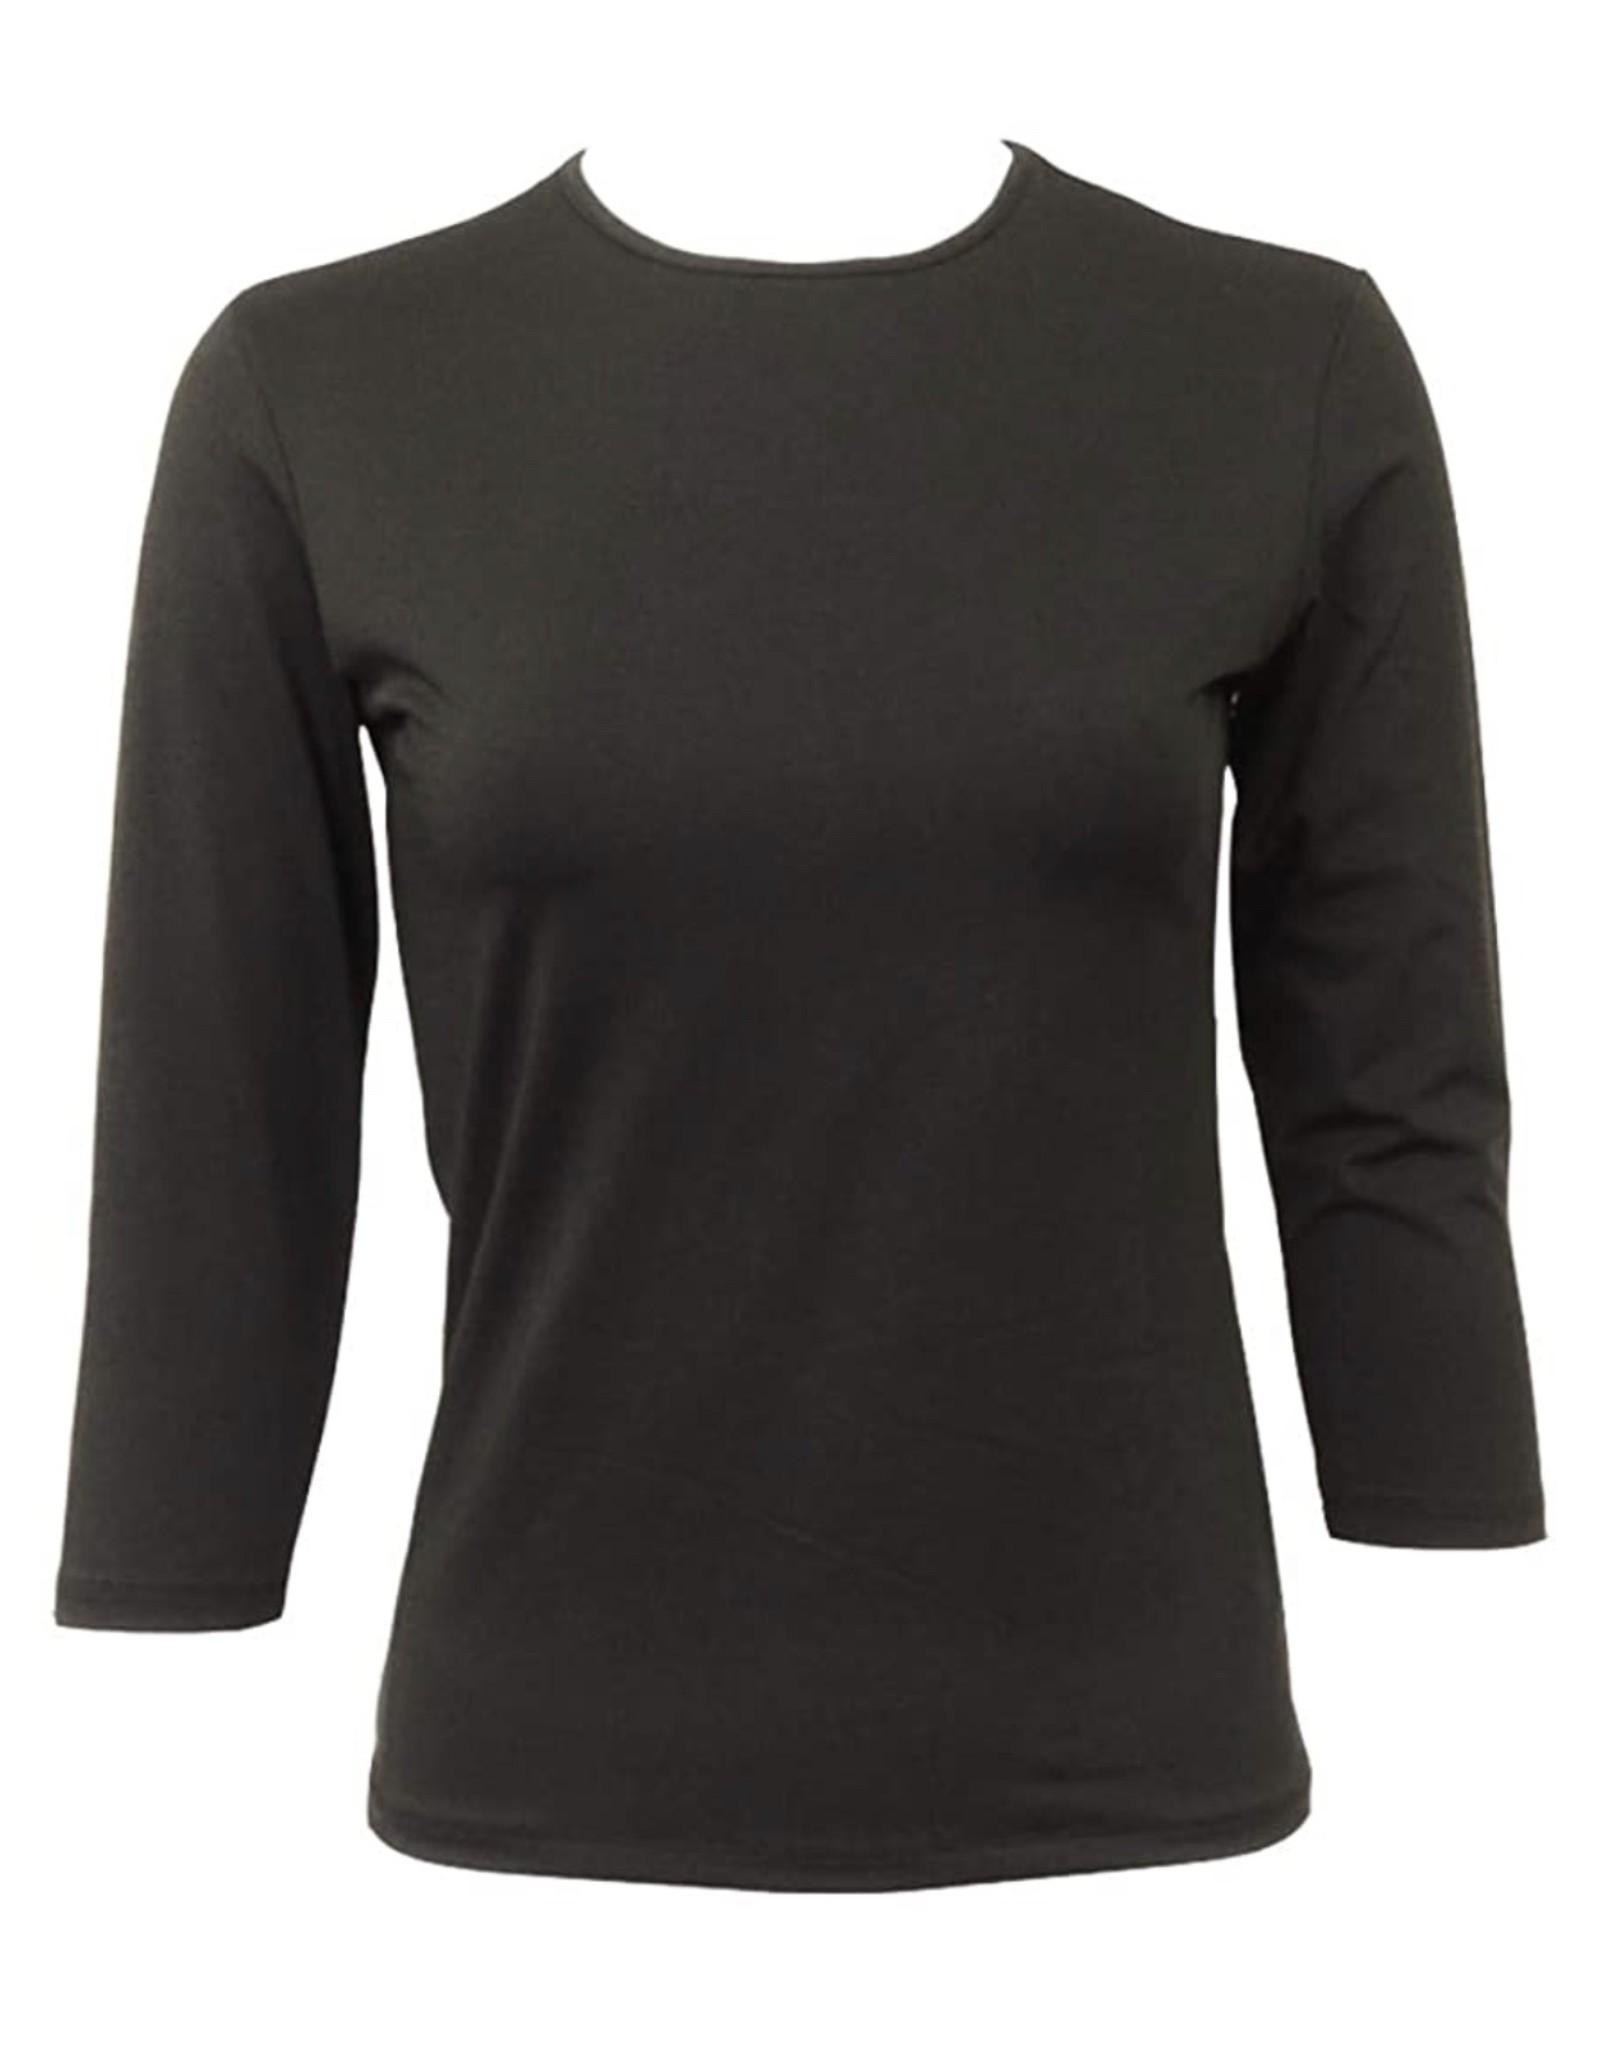 Kiki Riki Kiki Riki Women's 3/4 Length Sleeve Lycra Shell 17324